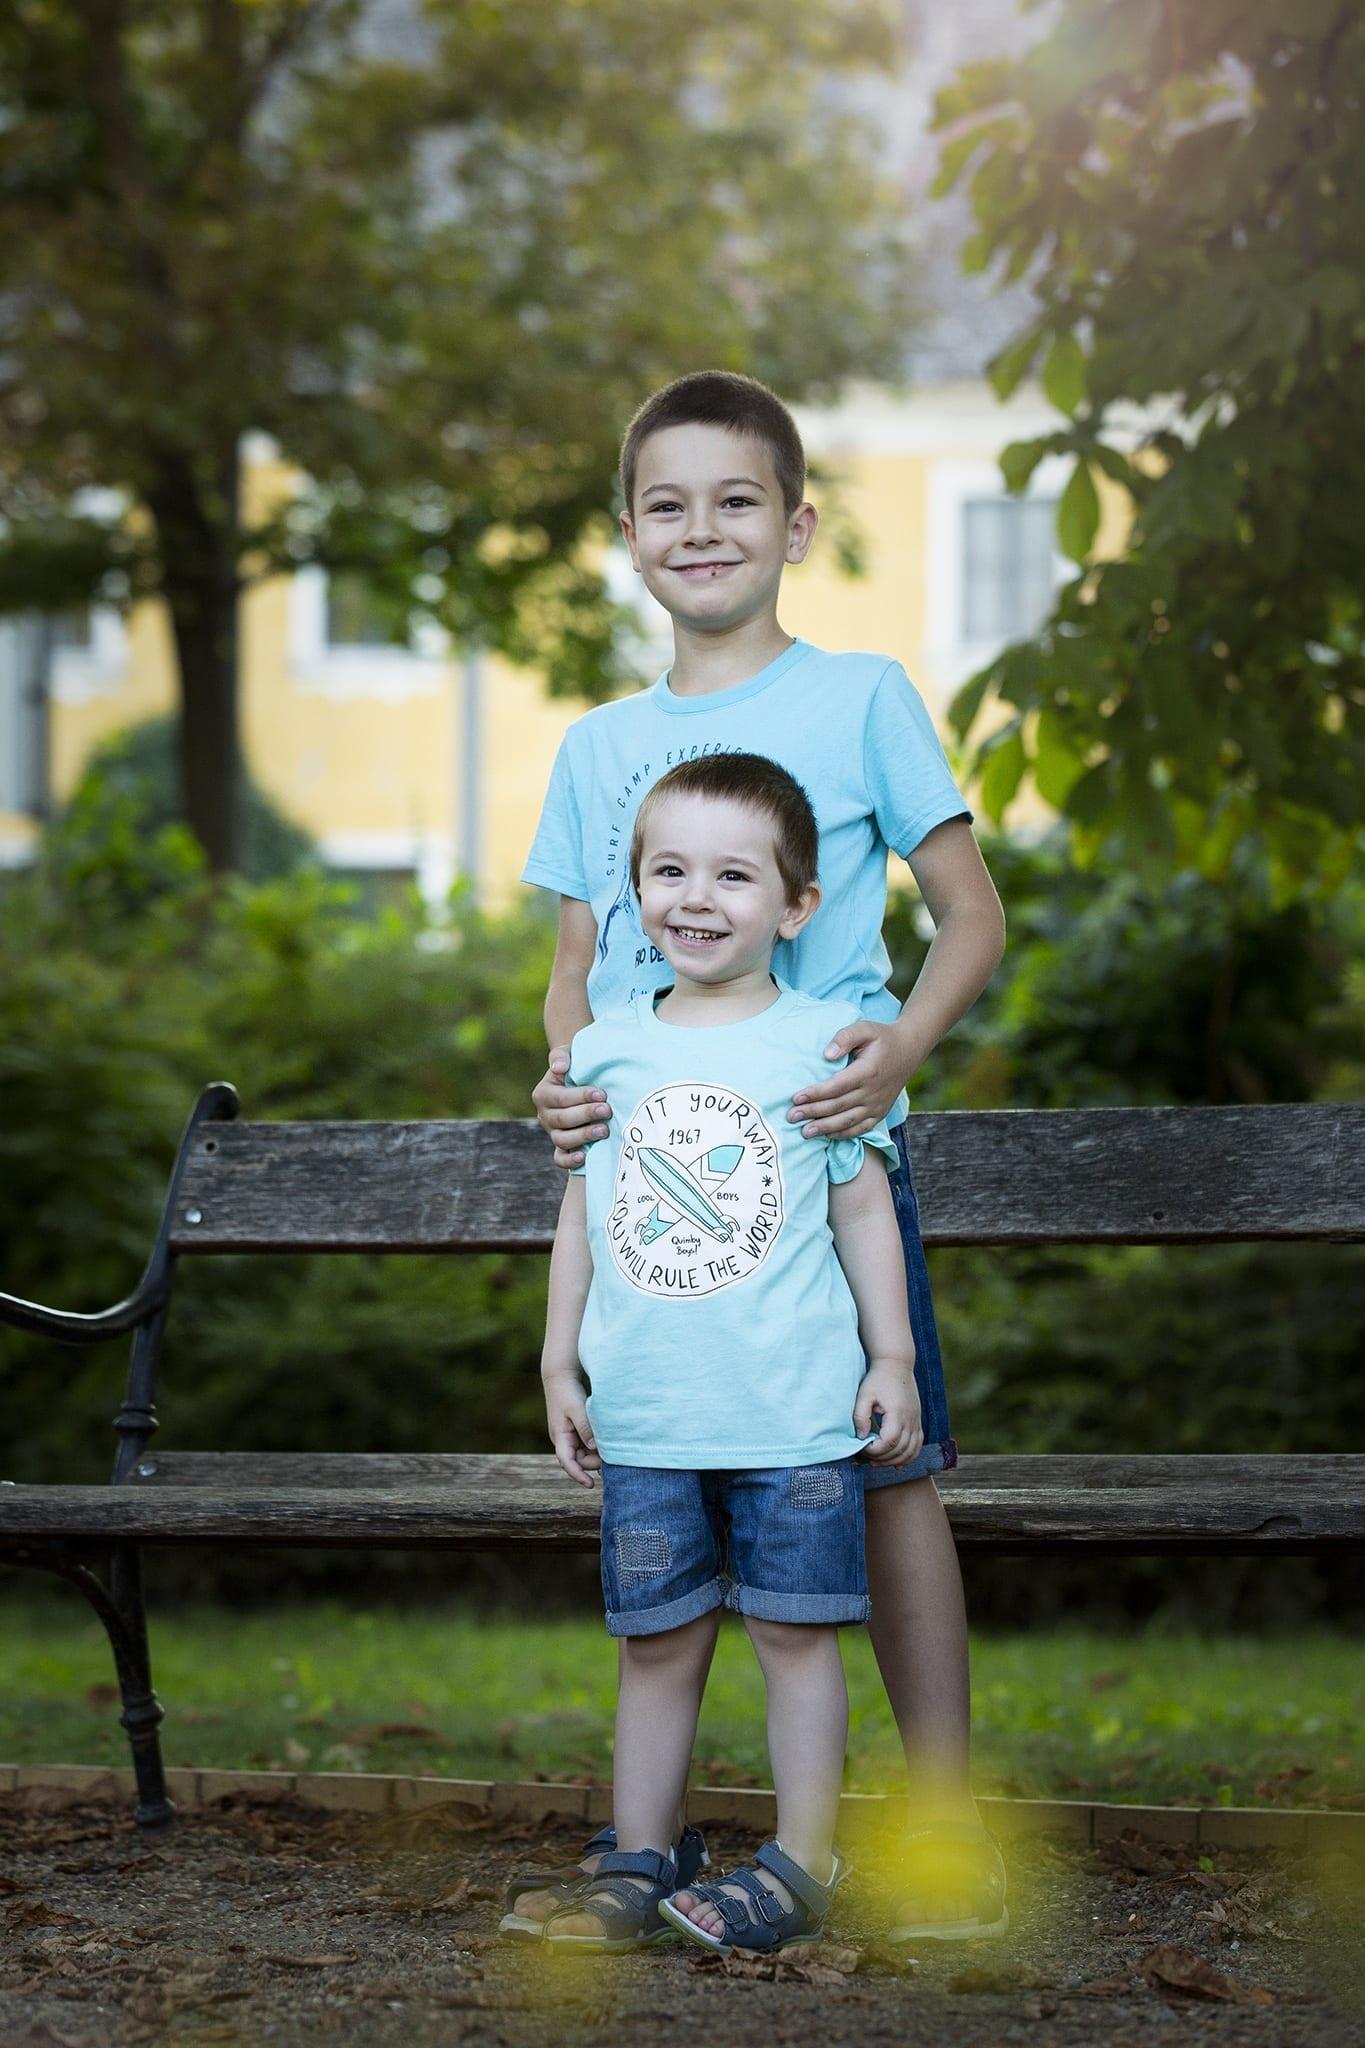 Bajai gyermekfotózás a Déry-kertben 2020 nyáron